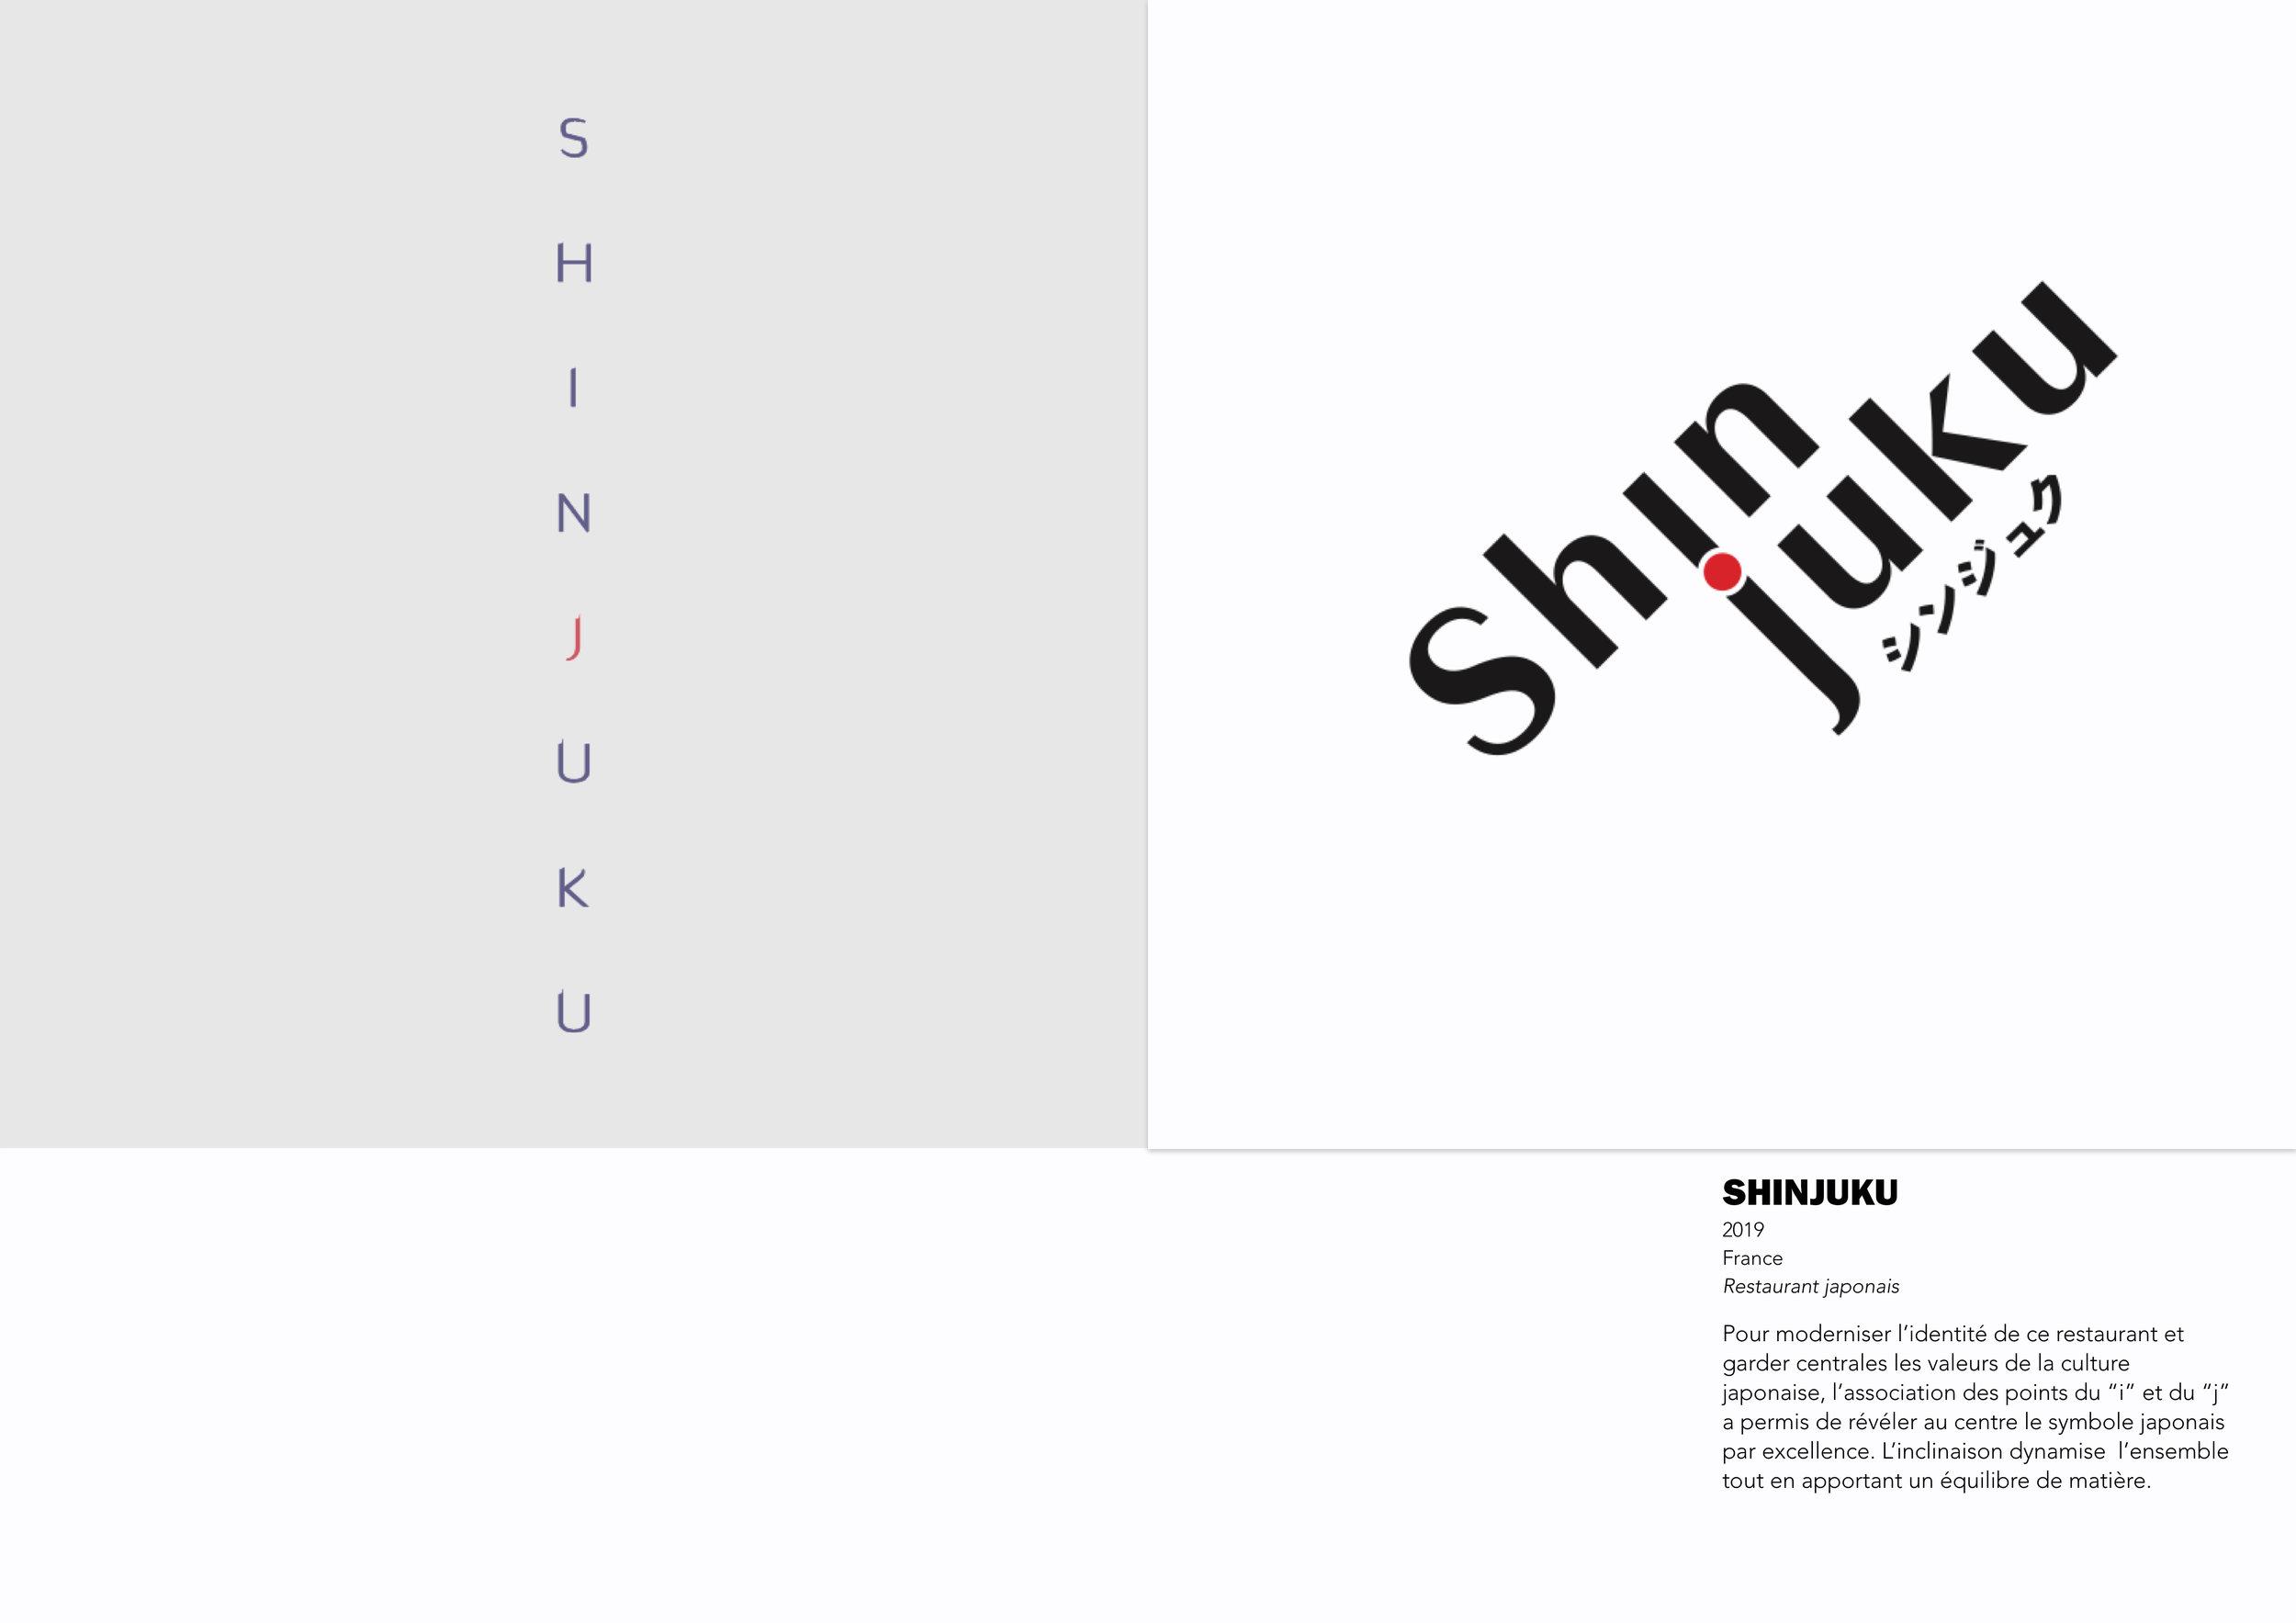 Shinjuku-sushi-restaurant-France-identity-logo-design-joy-lasry.jpg